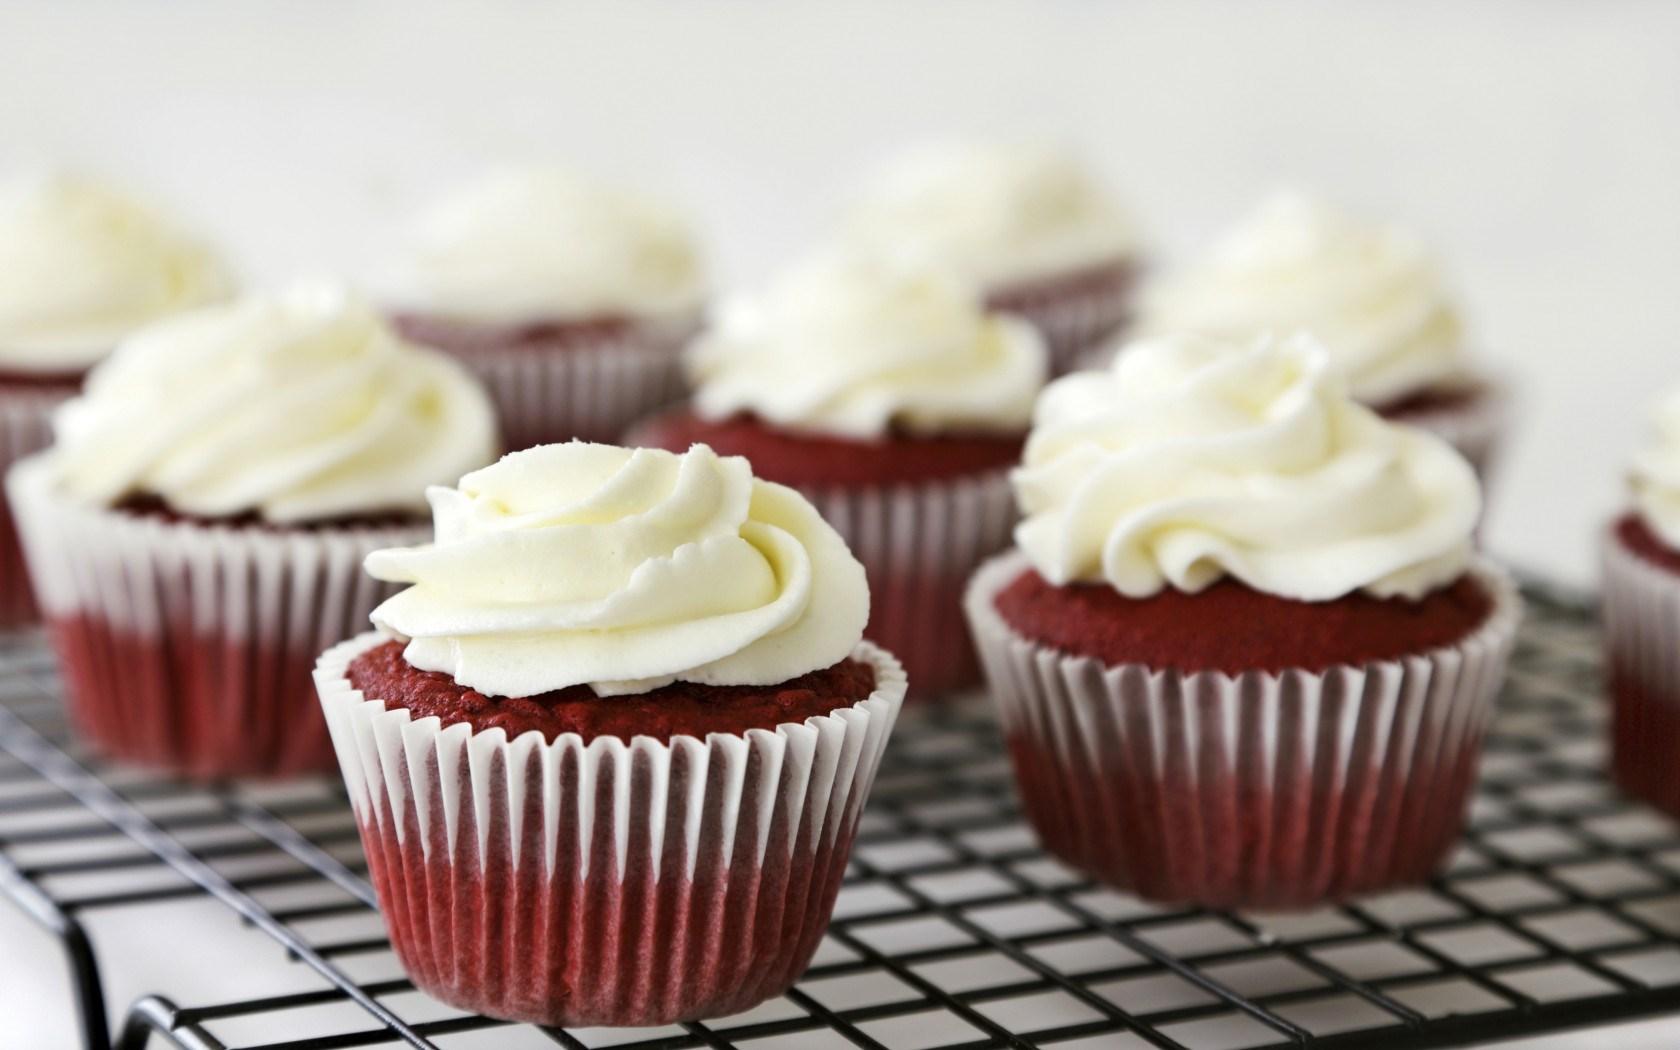 Food Cakes Muffins Cream